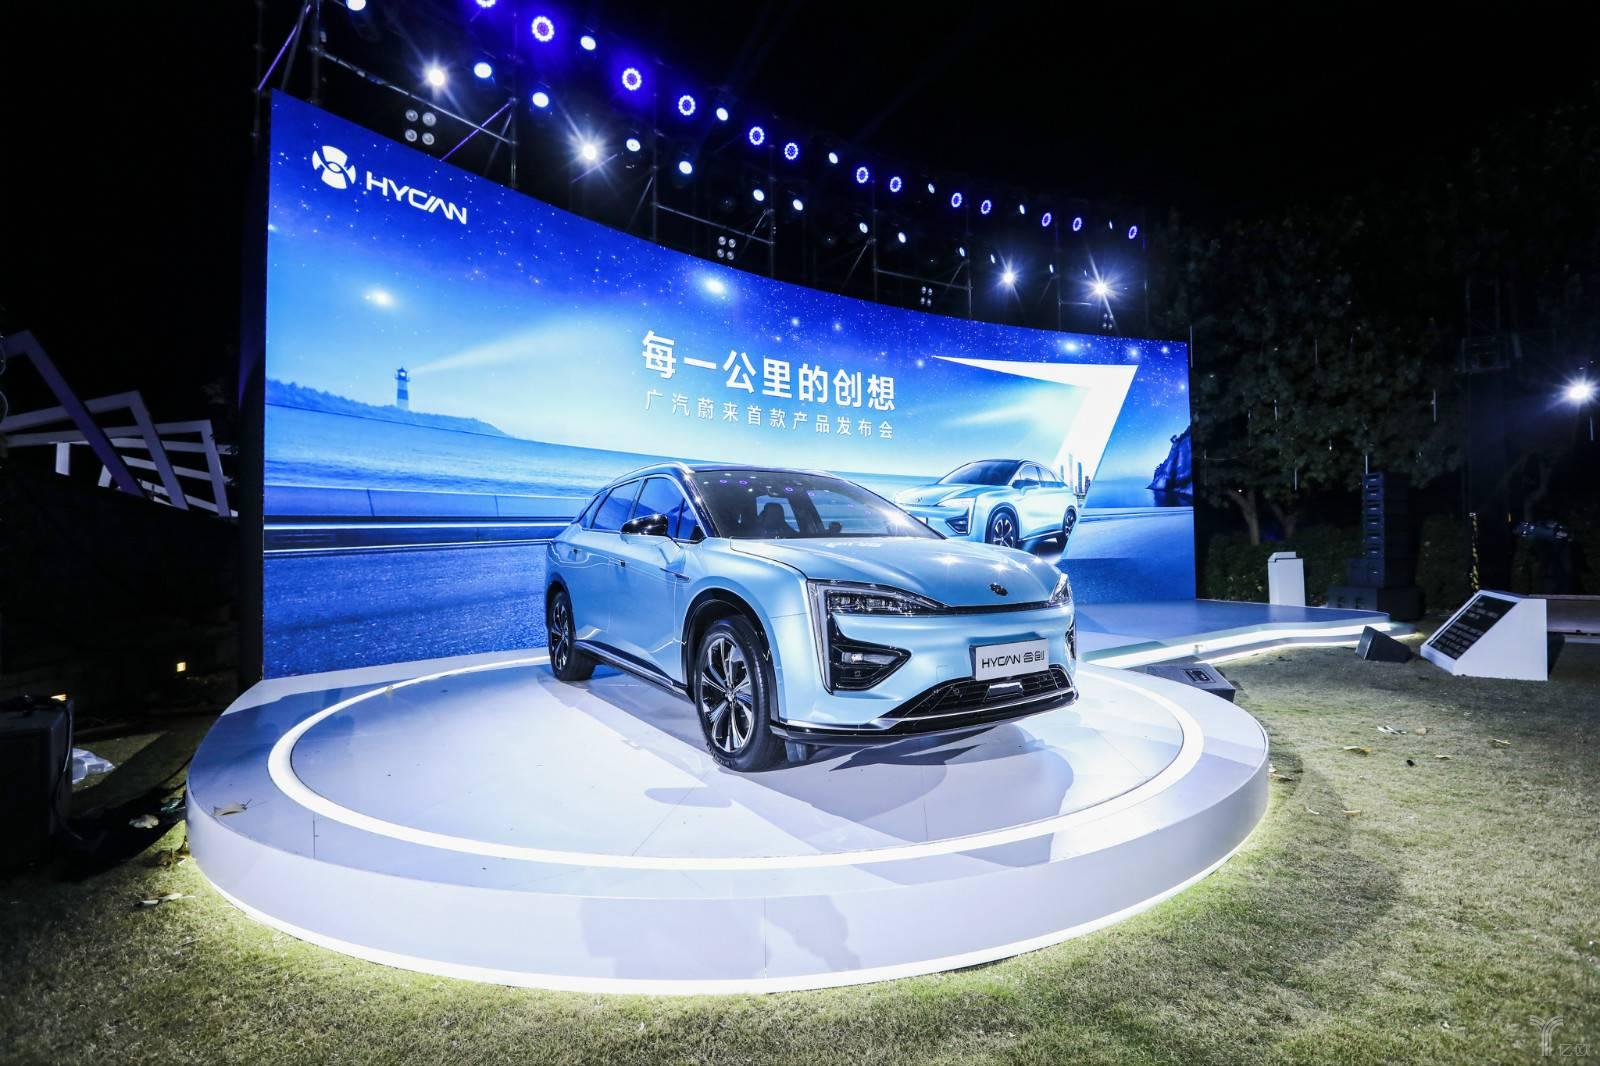 广汽蔚来首款量产纯电HYCAN 007发布,523km综合续航26万元起